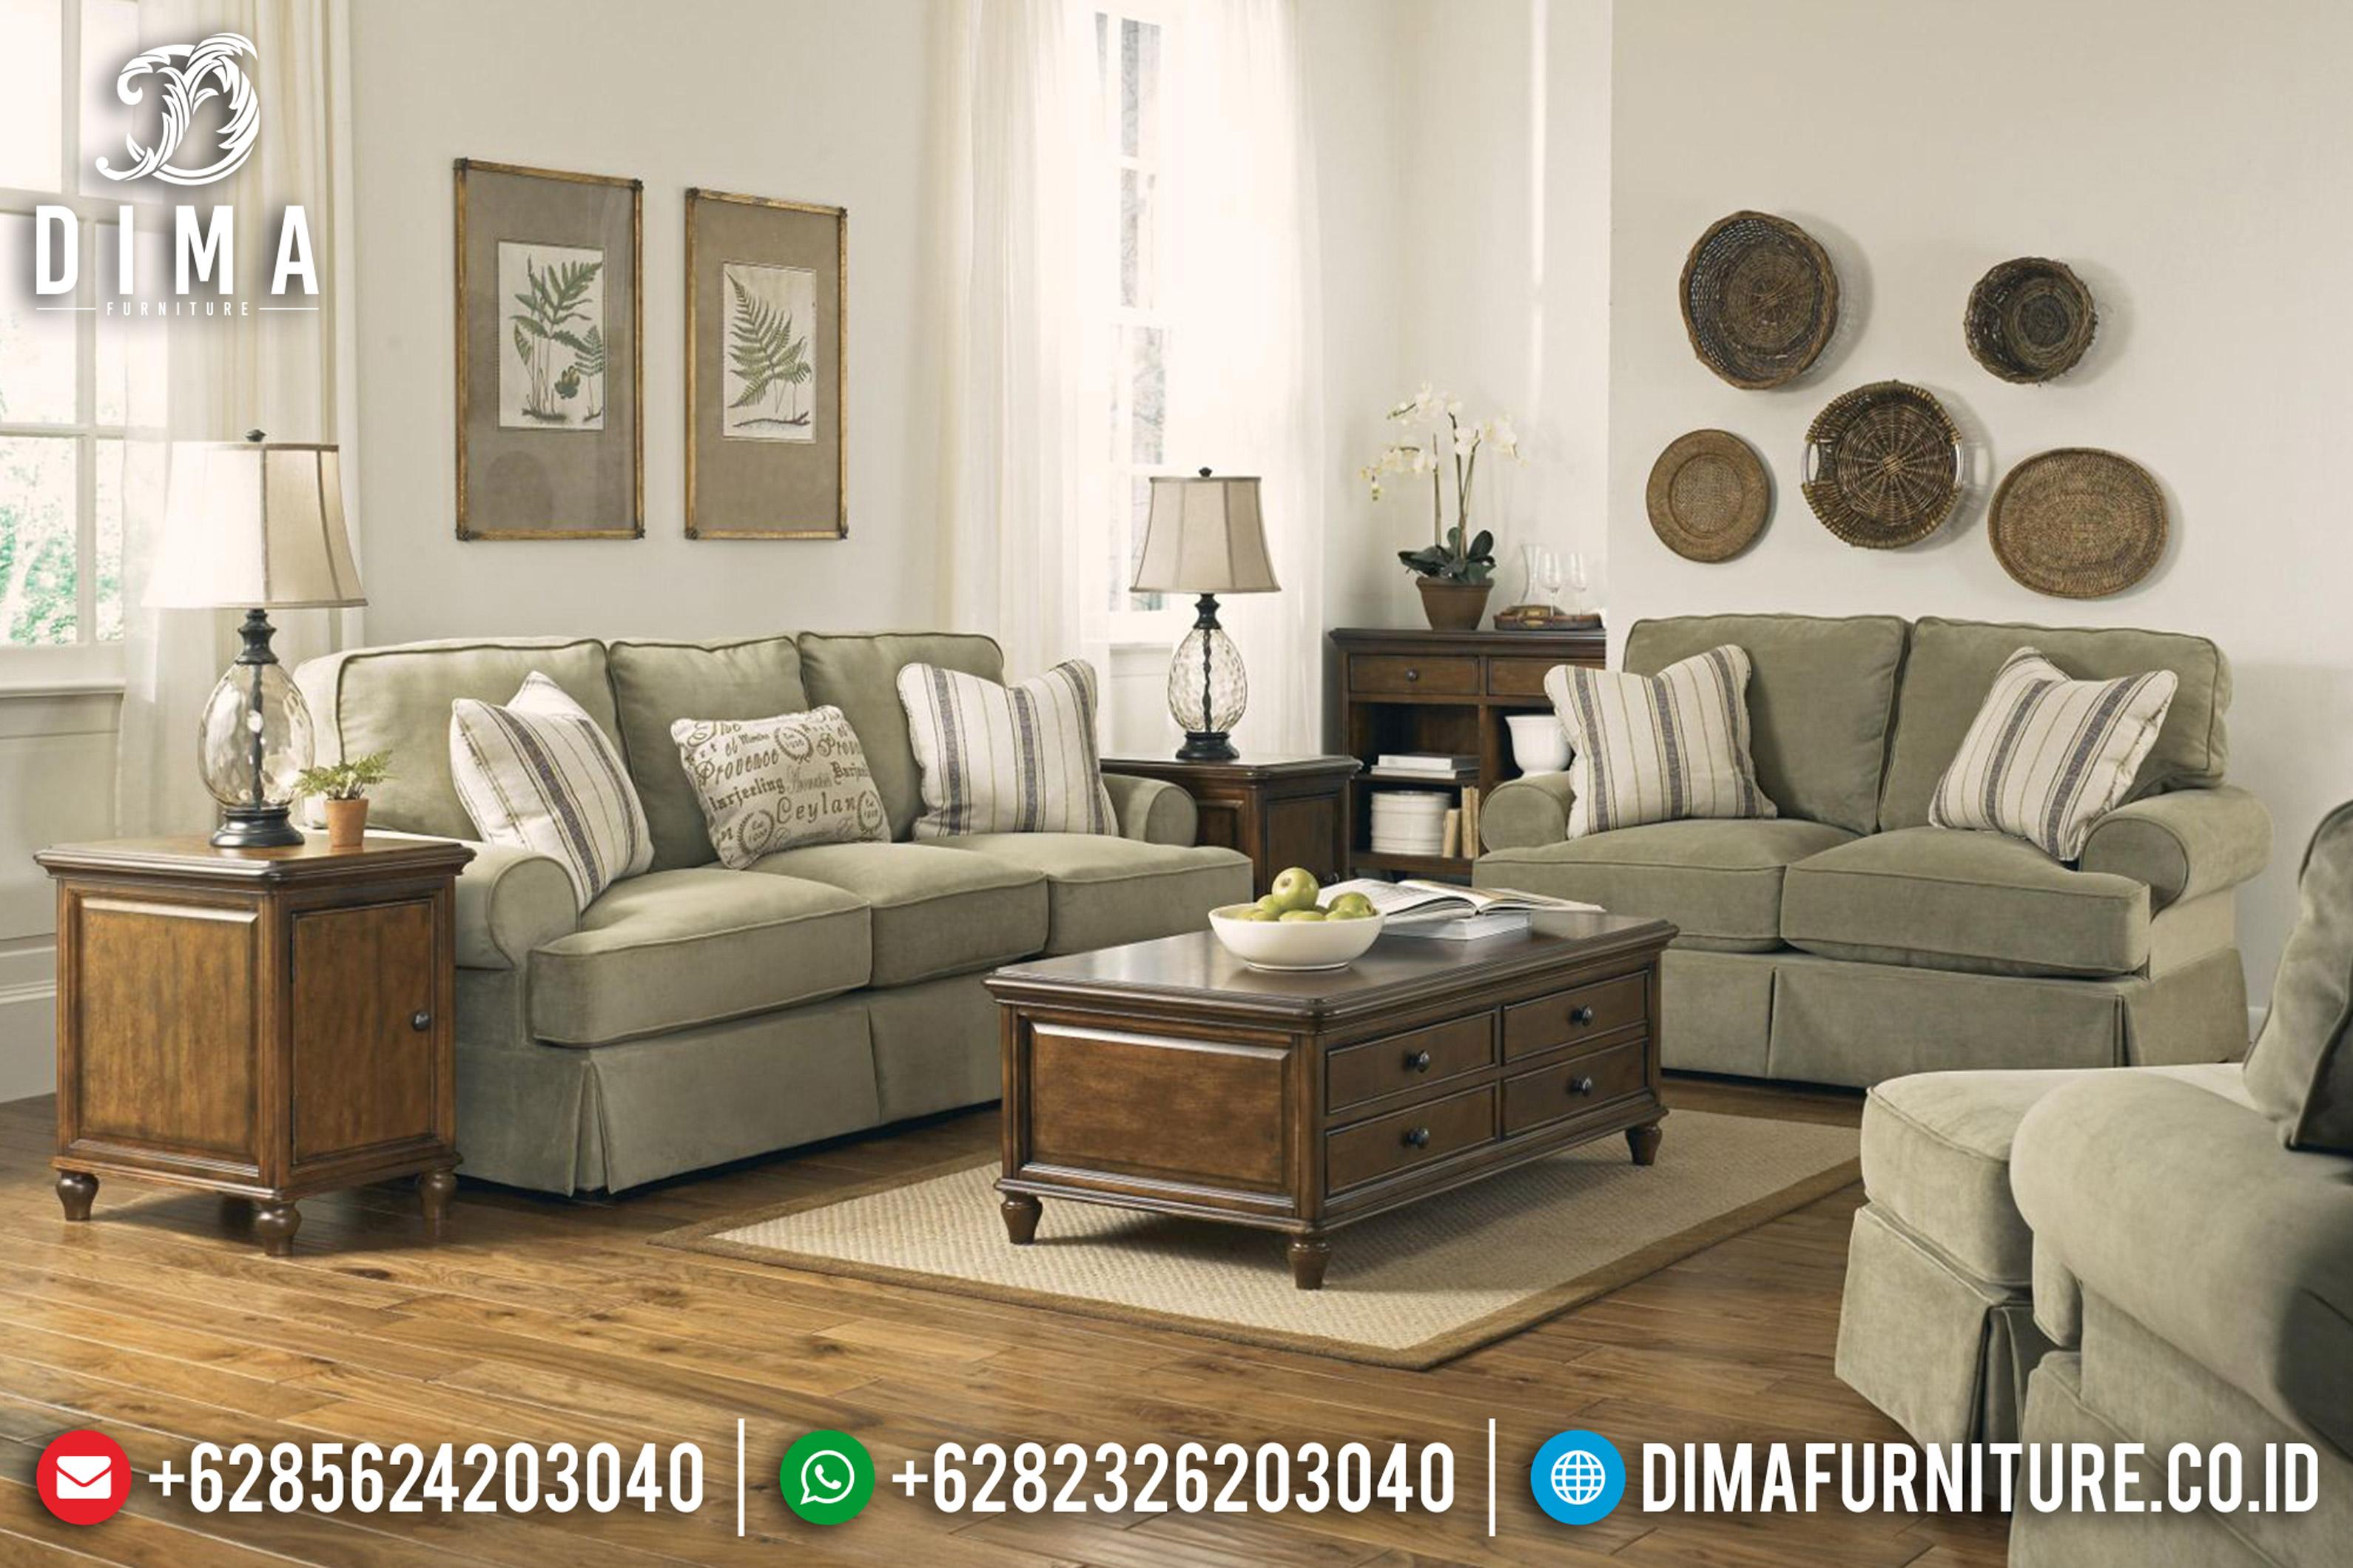 Mebel Jepara Terbaru Set Sofa Tamu Minimalis Mewah Aldridge Fabric DF-0665